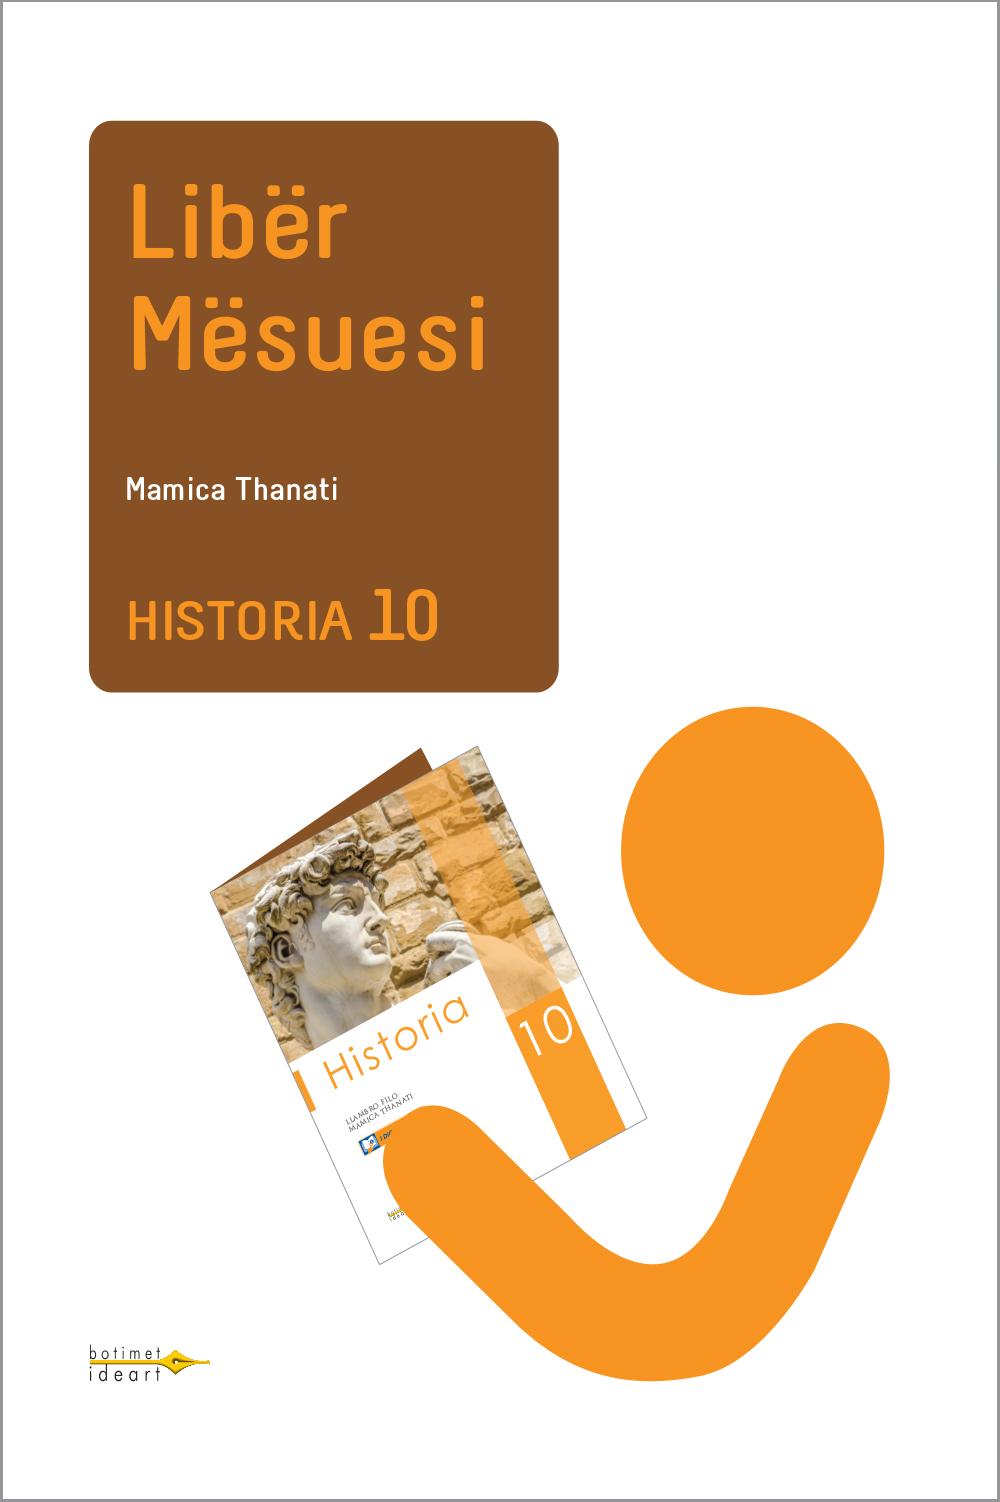 Historia 10<br>Libër Mësuesi